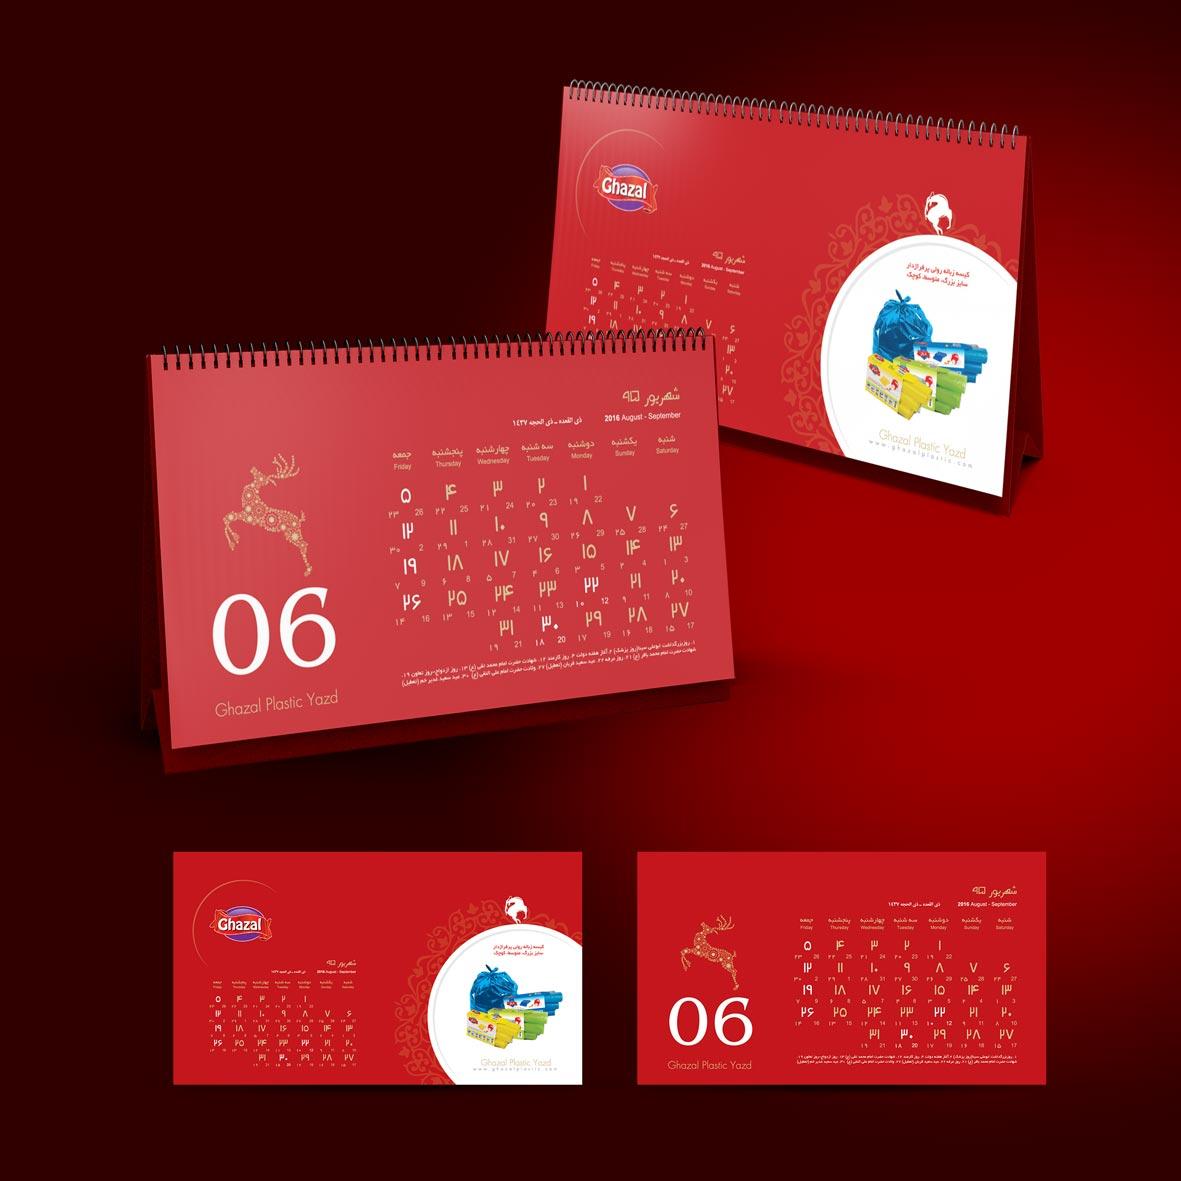 Arman-ghazal-desk-calendar-tabestan